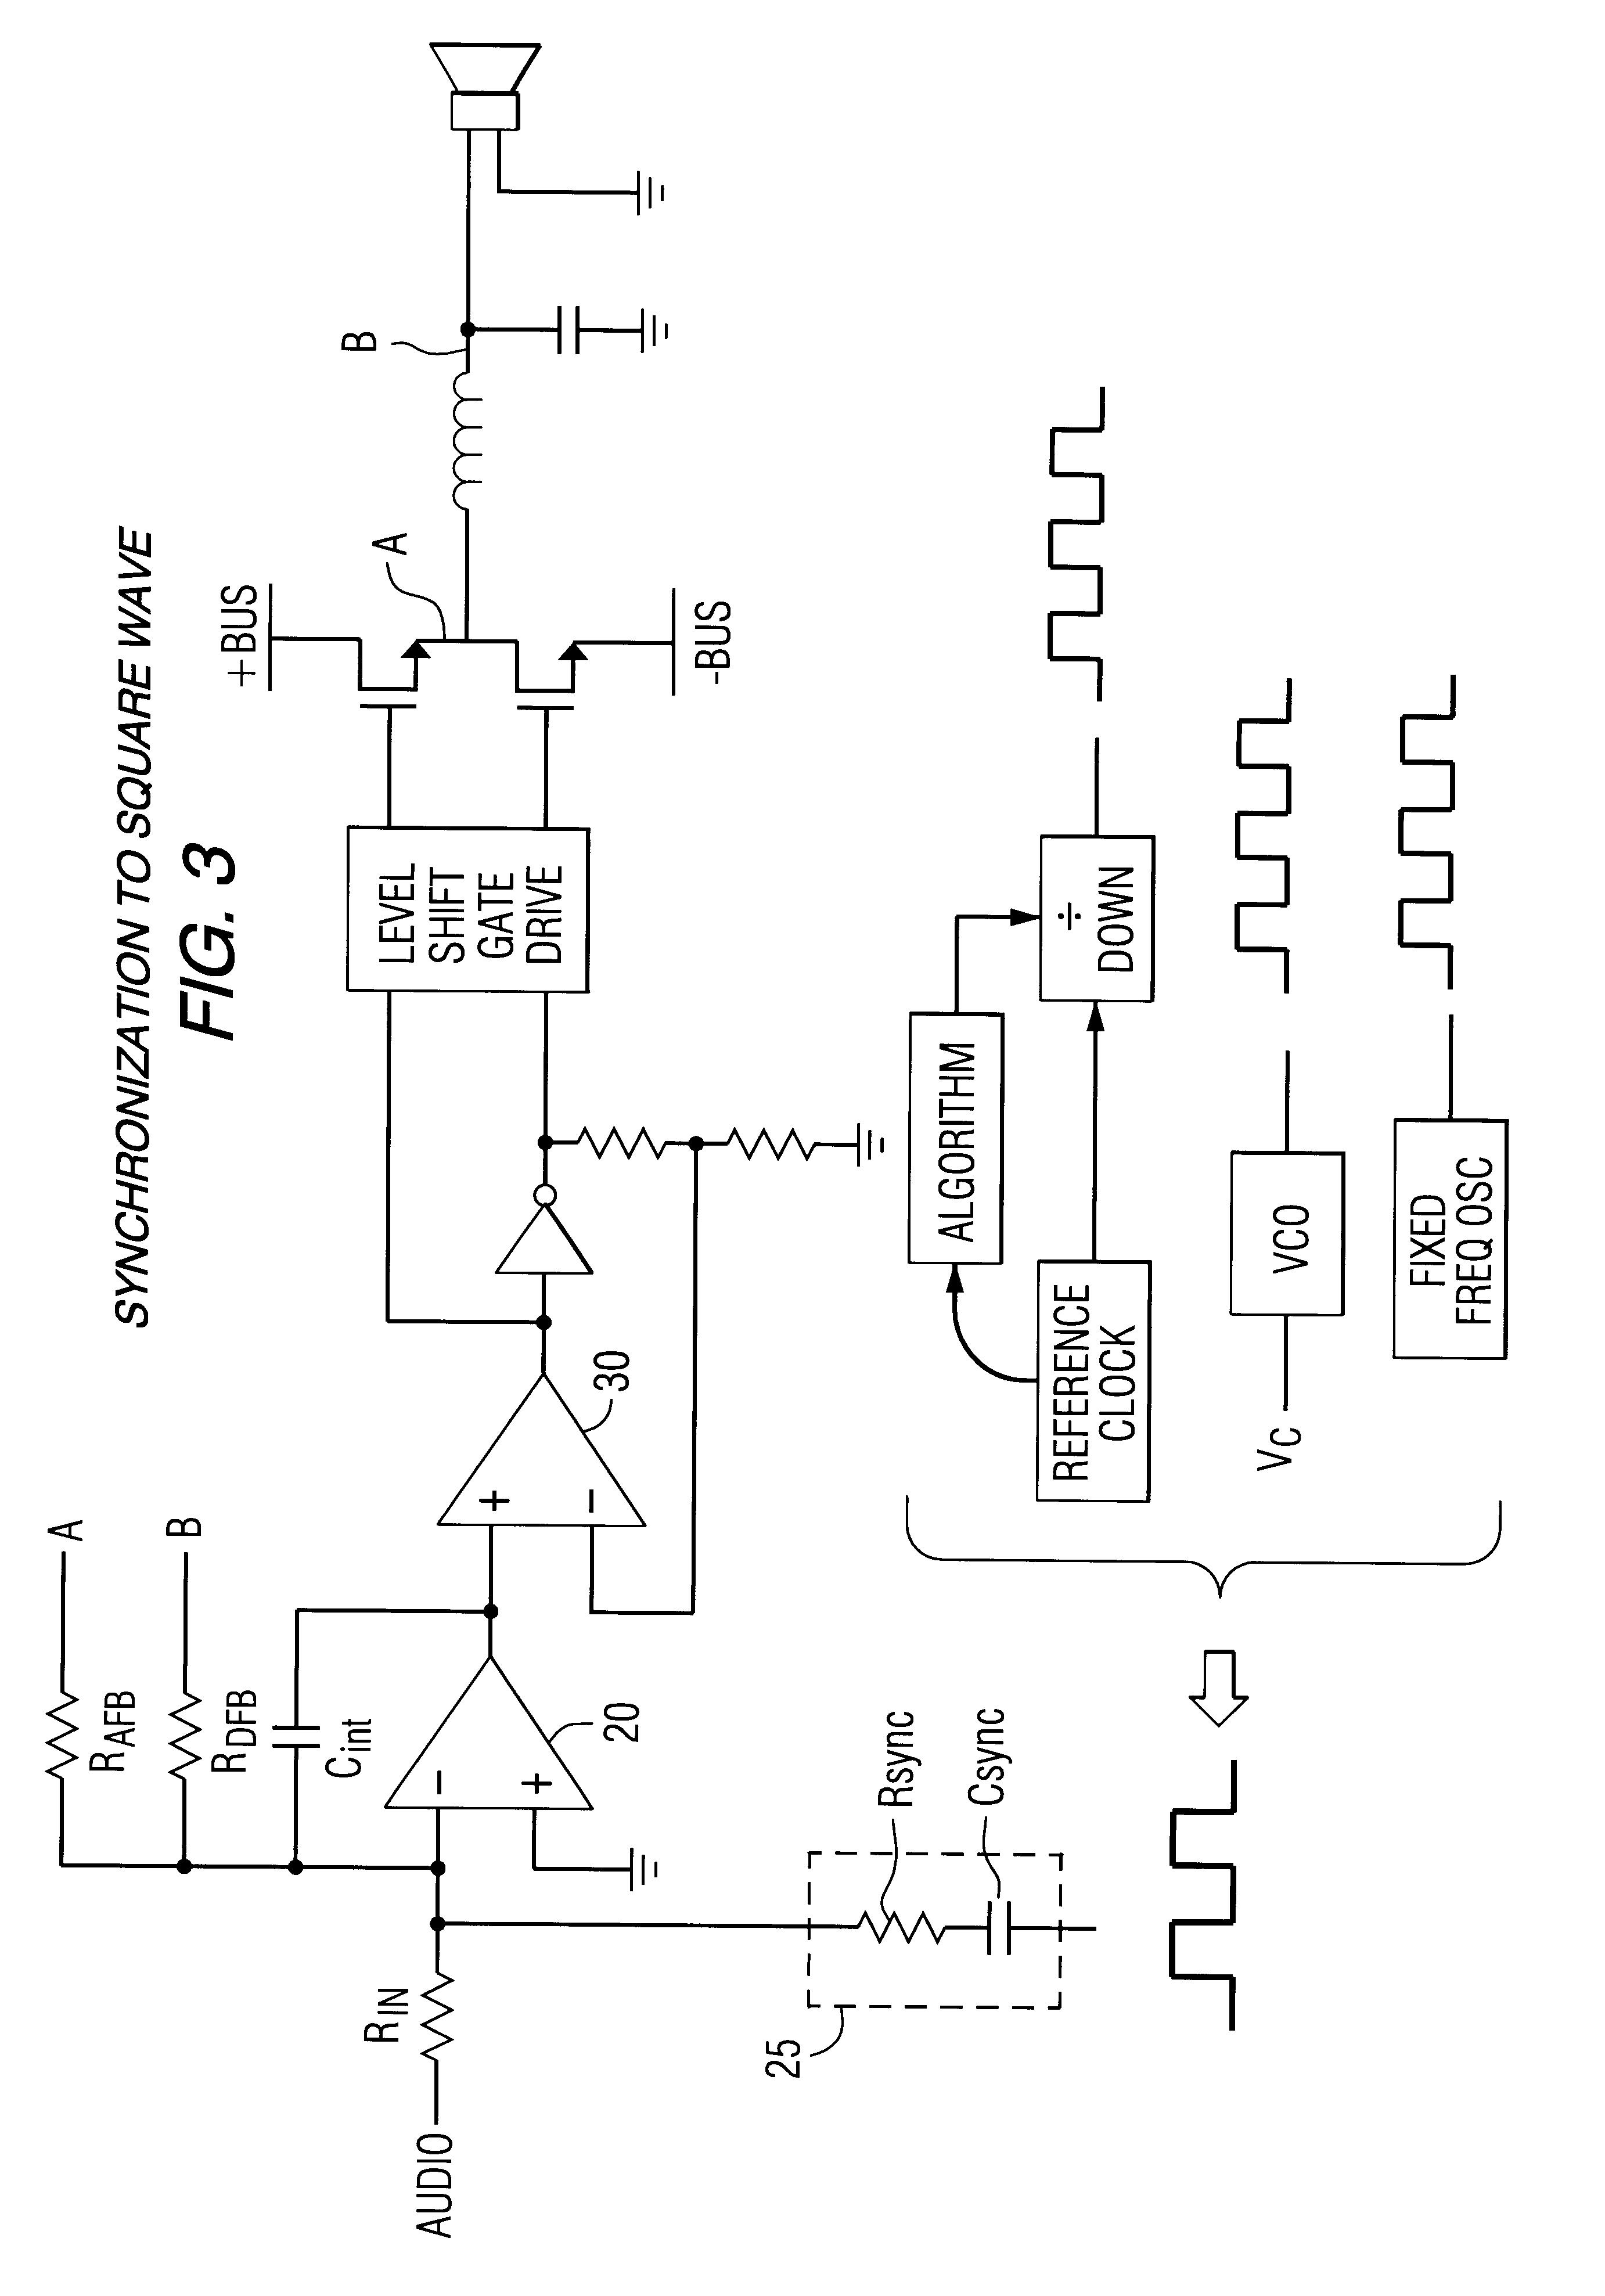 patent us6297693